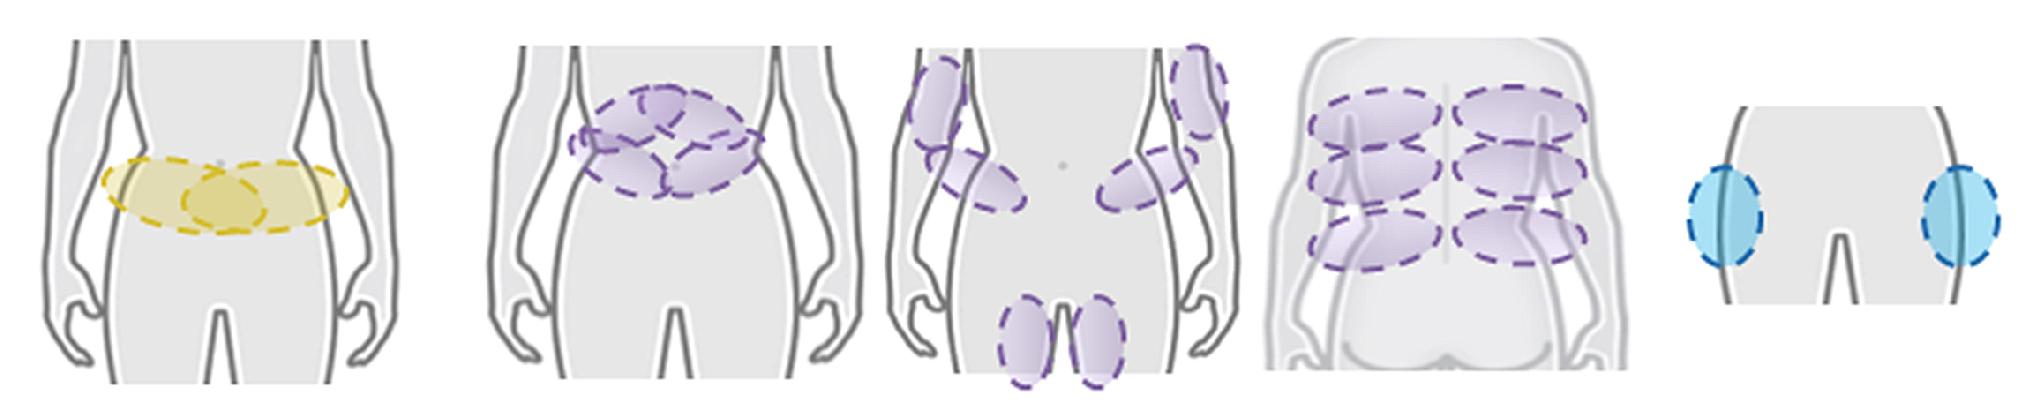 不同類型之手握把,其治療對應部位皆不同,應透過專業醫師評估脂肪囤積程度及走向後,才能找出適合的手握把